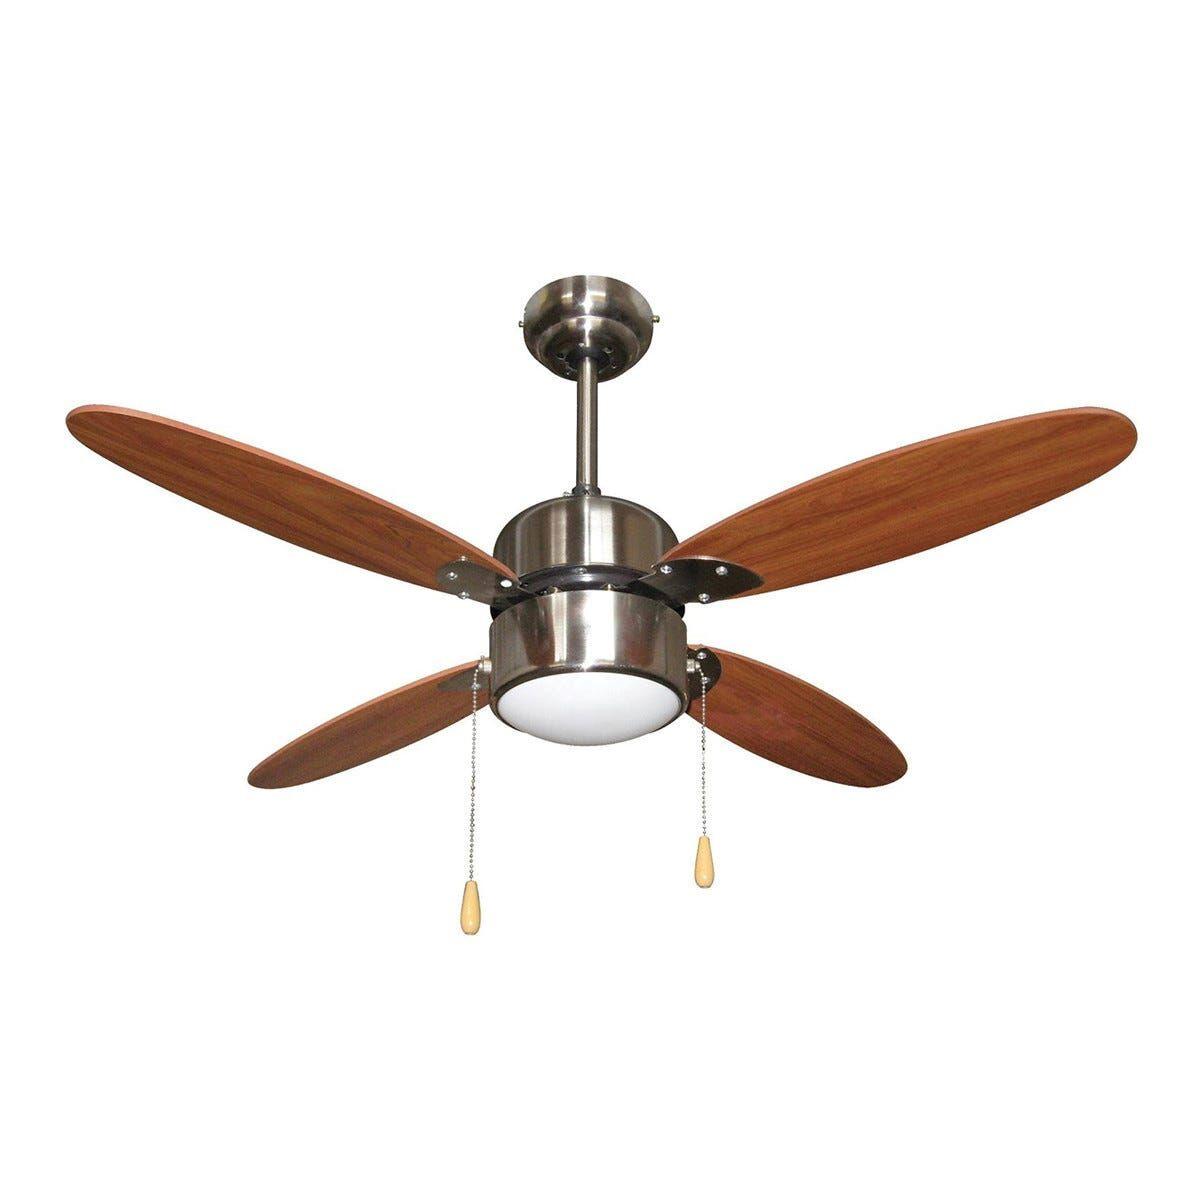 ventilatore da soffitto 4 pale Ø 105 cm marrone con luce e comando a cordicella 3 velocita'